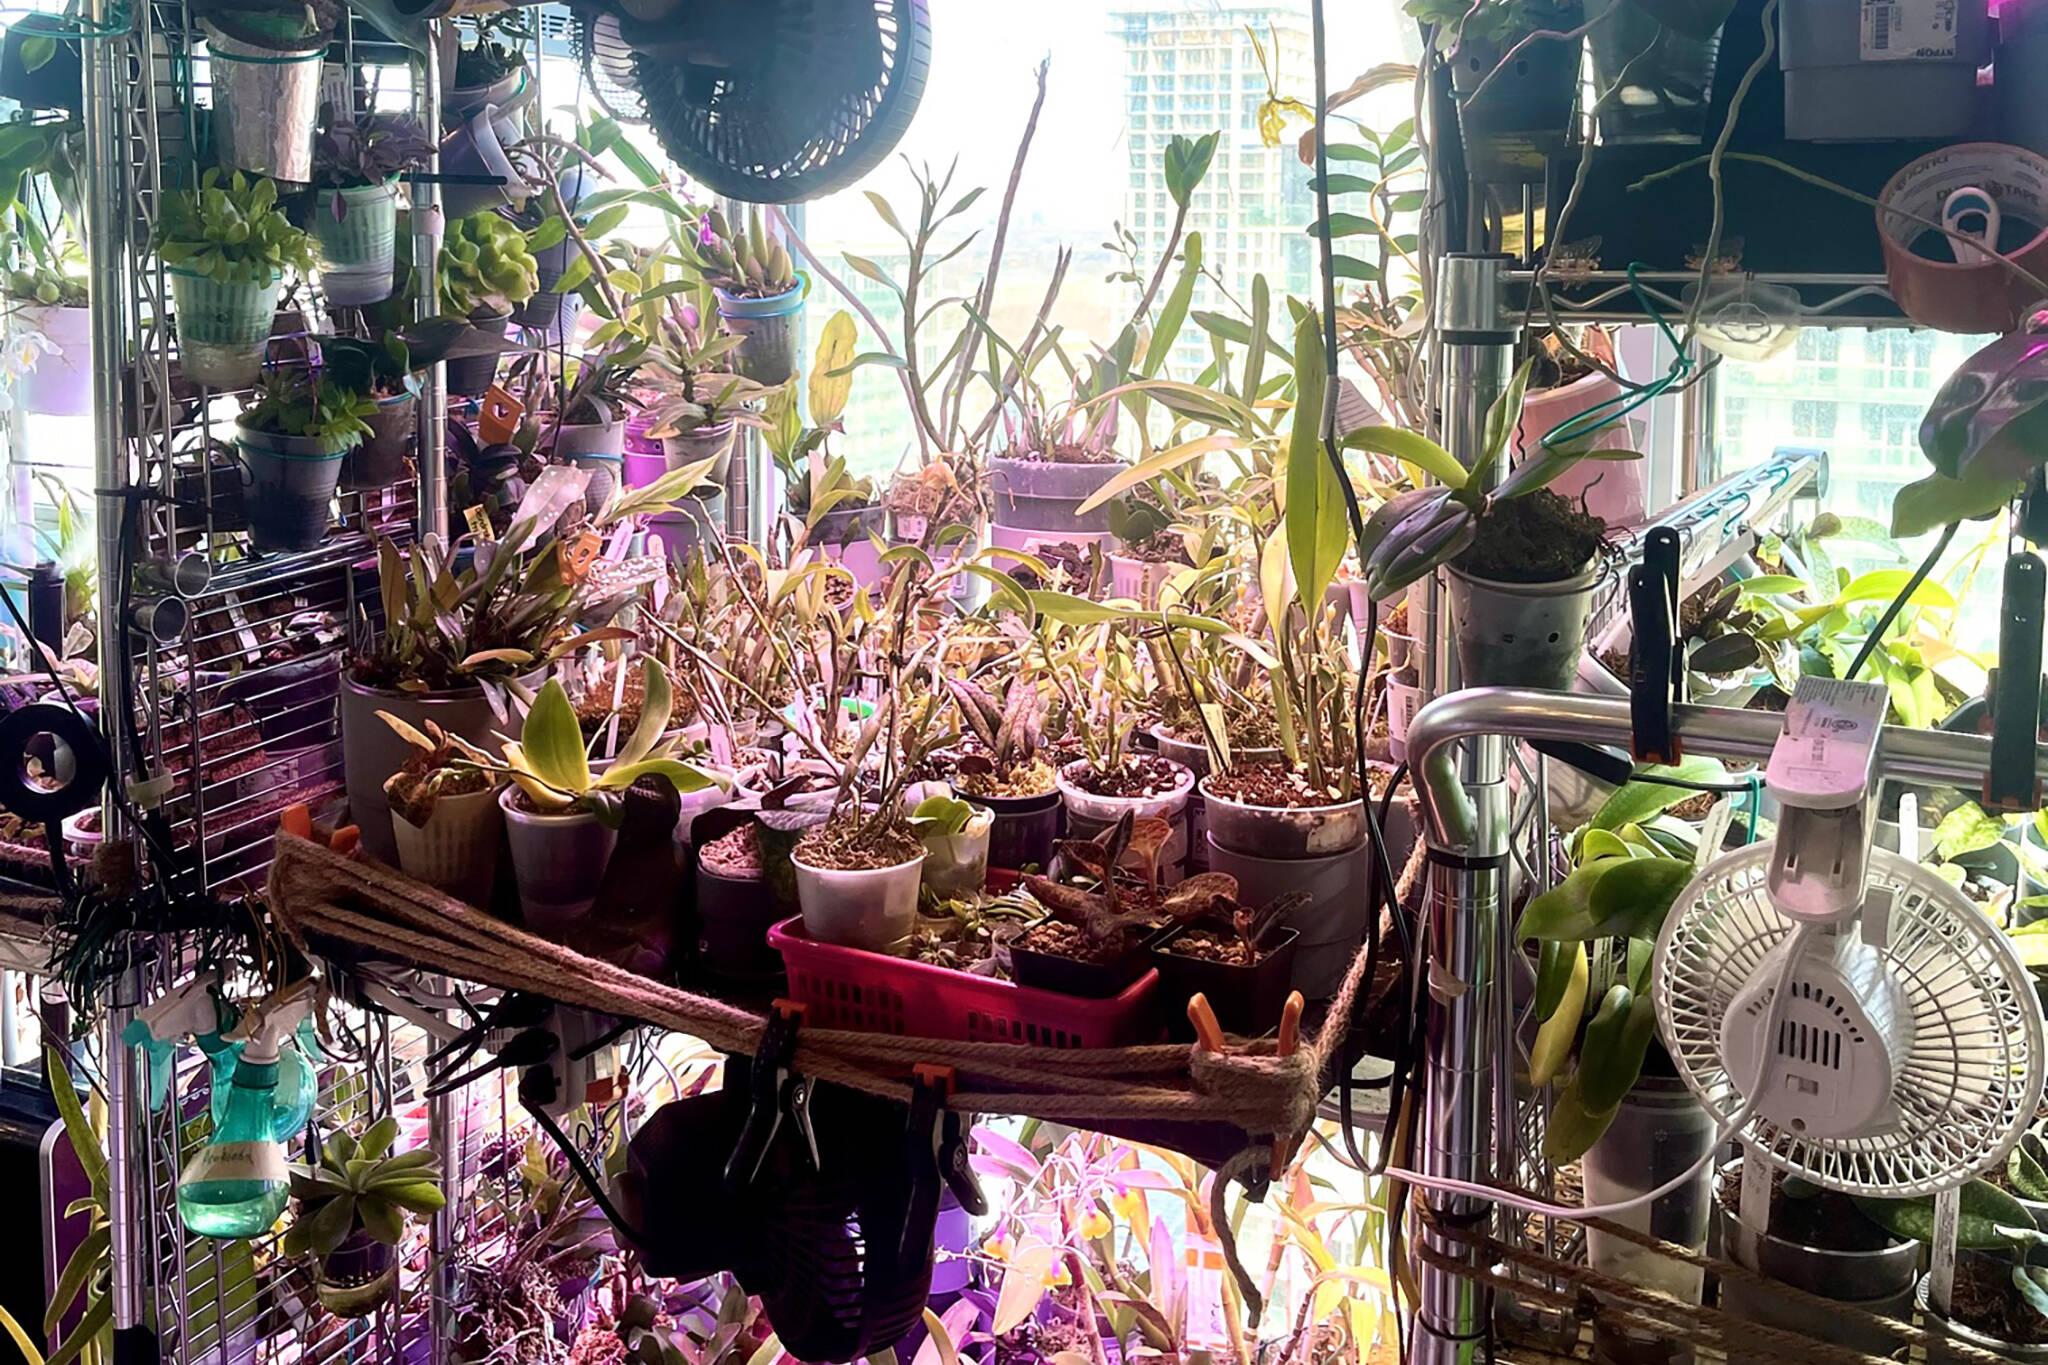 roehampton orchids toronto